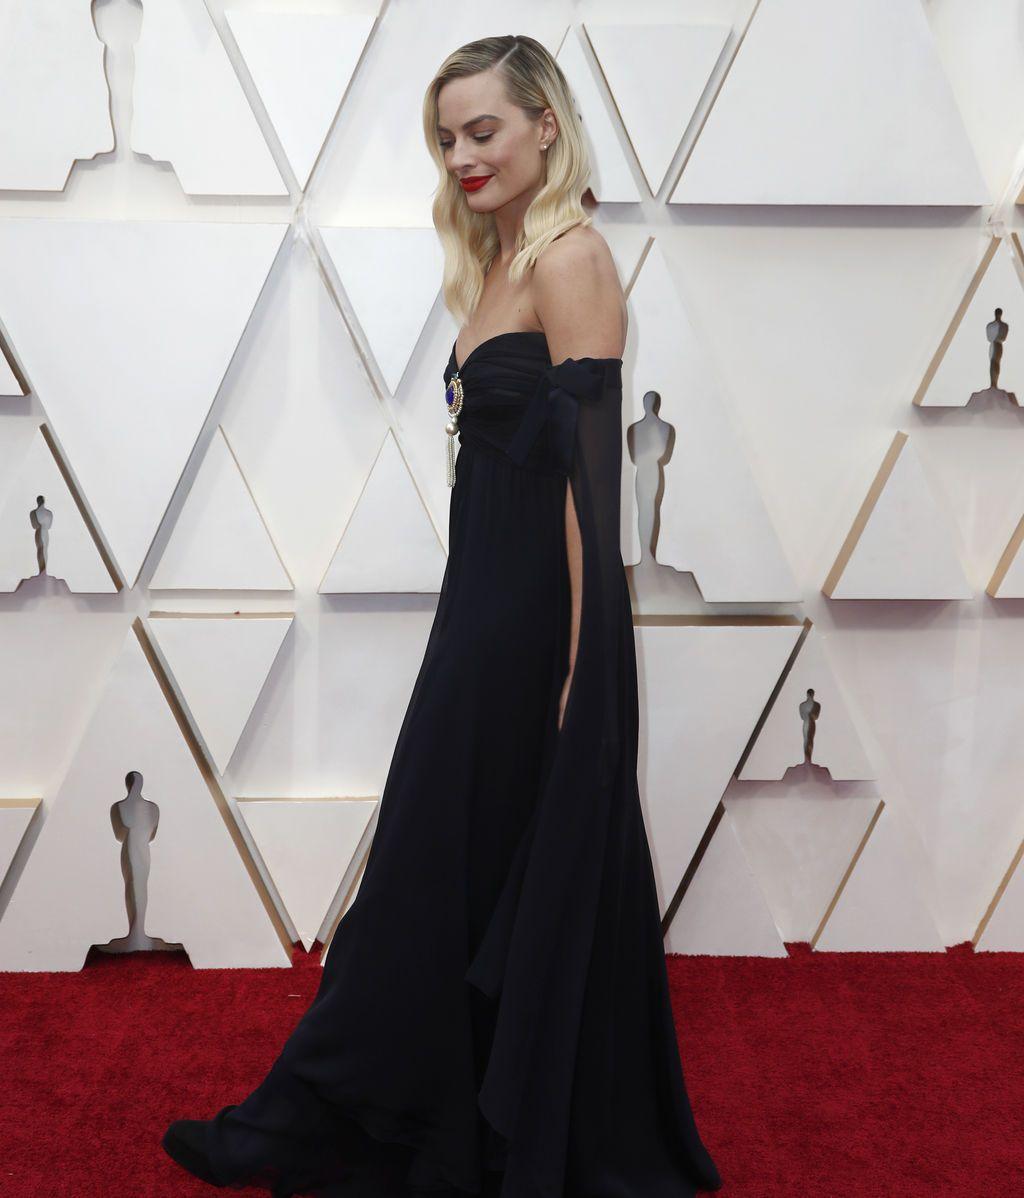 Margot Robbie posa en la alfombra roja de los Premios Óscar 2020